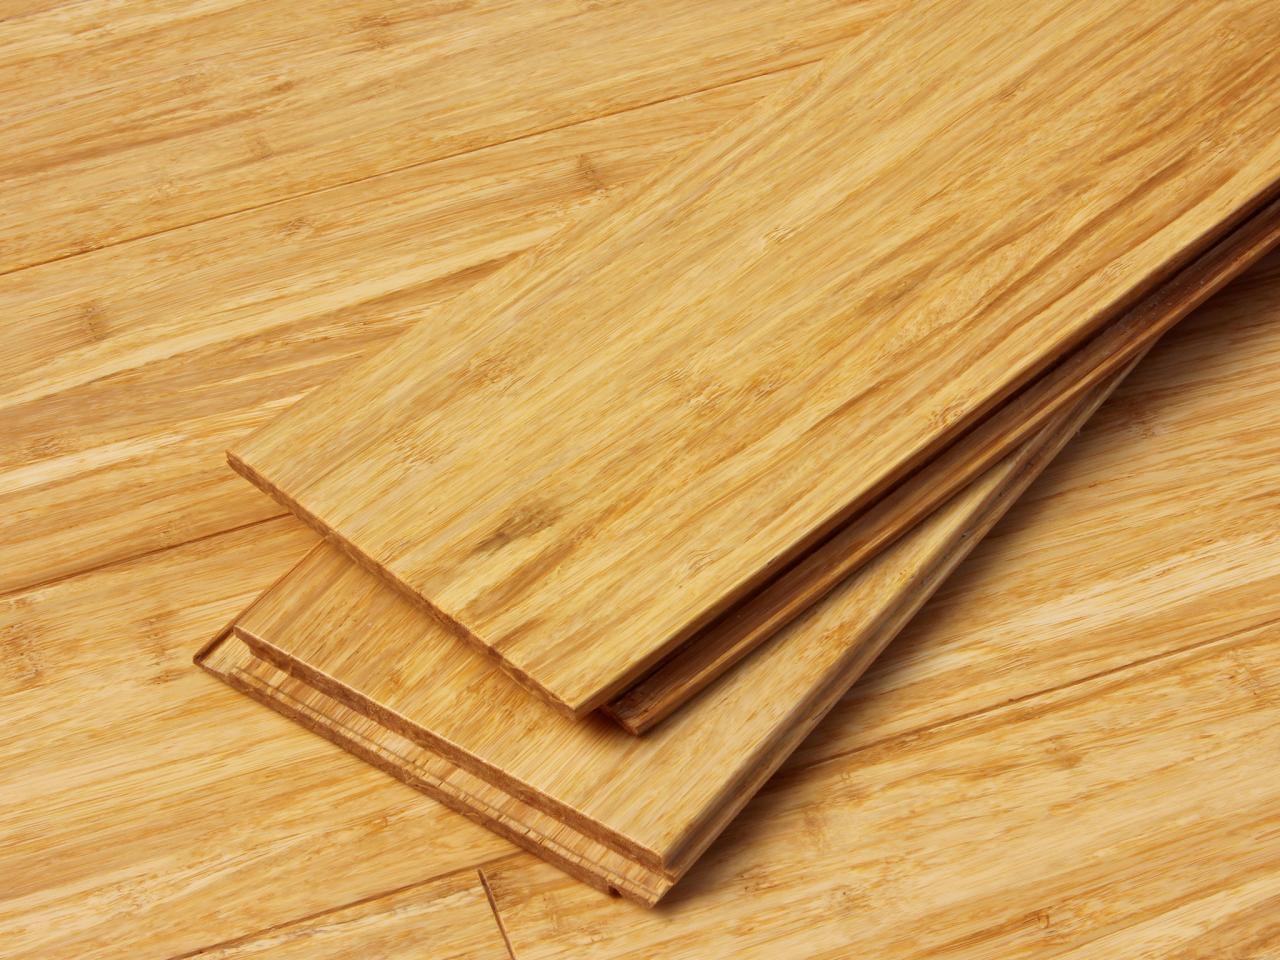 Pokláda bambusové podlahy Click Lock Cali